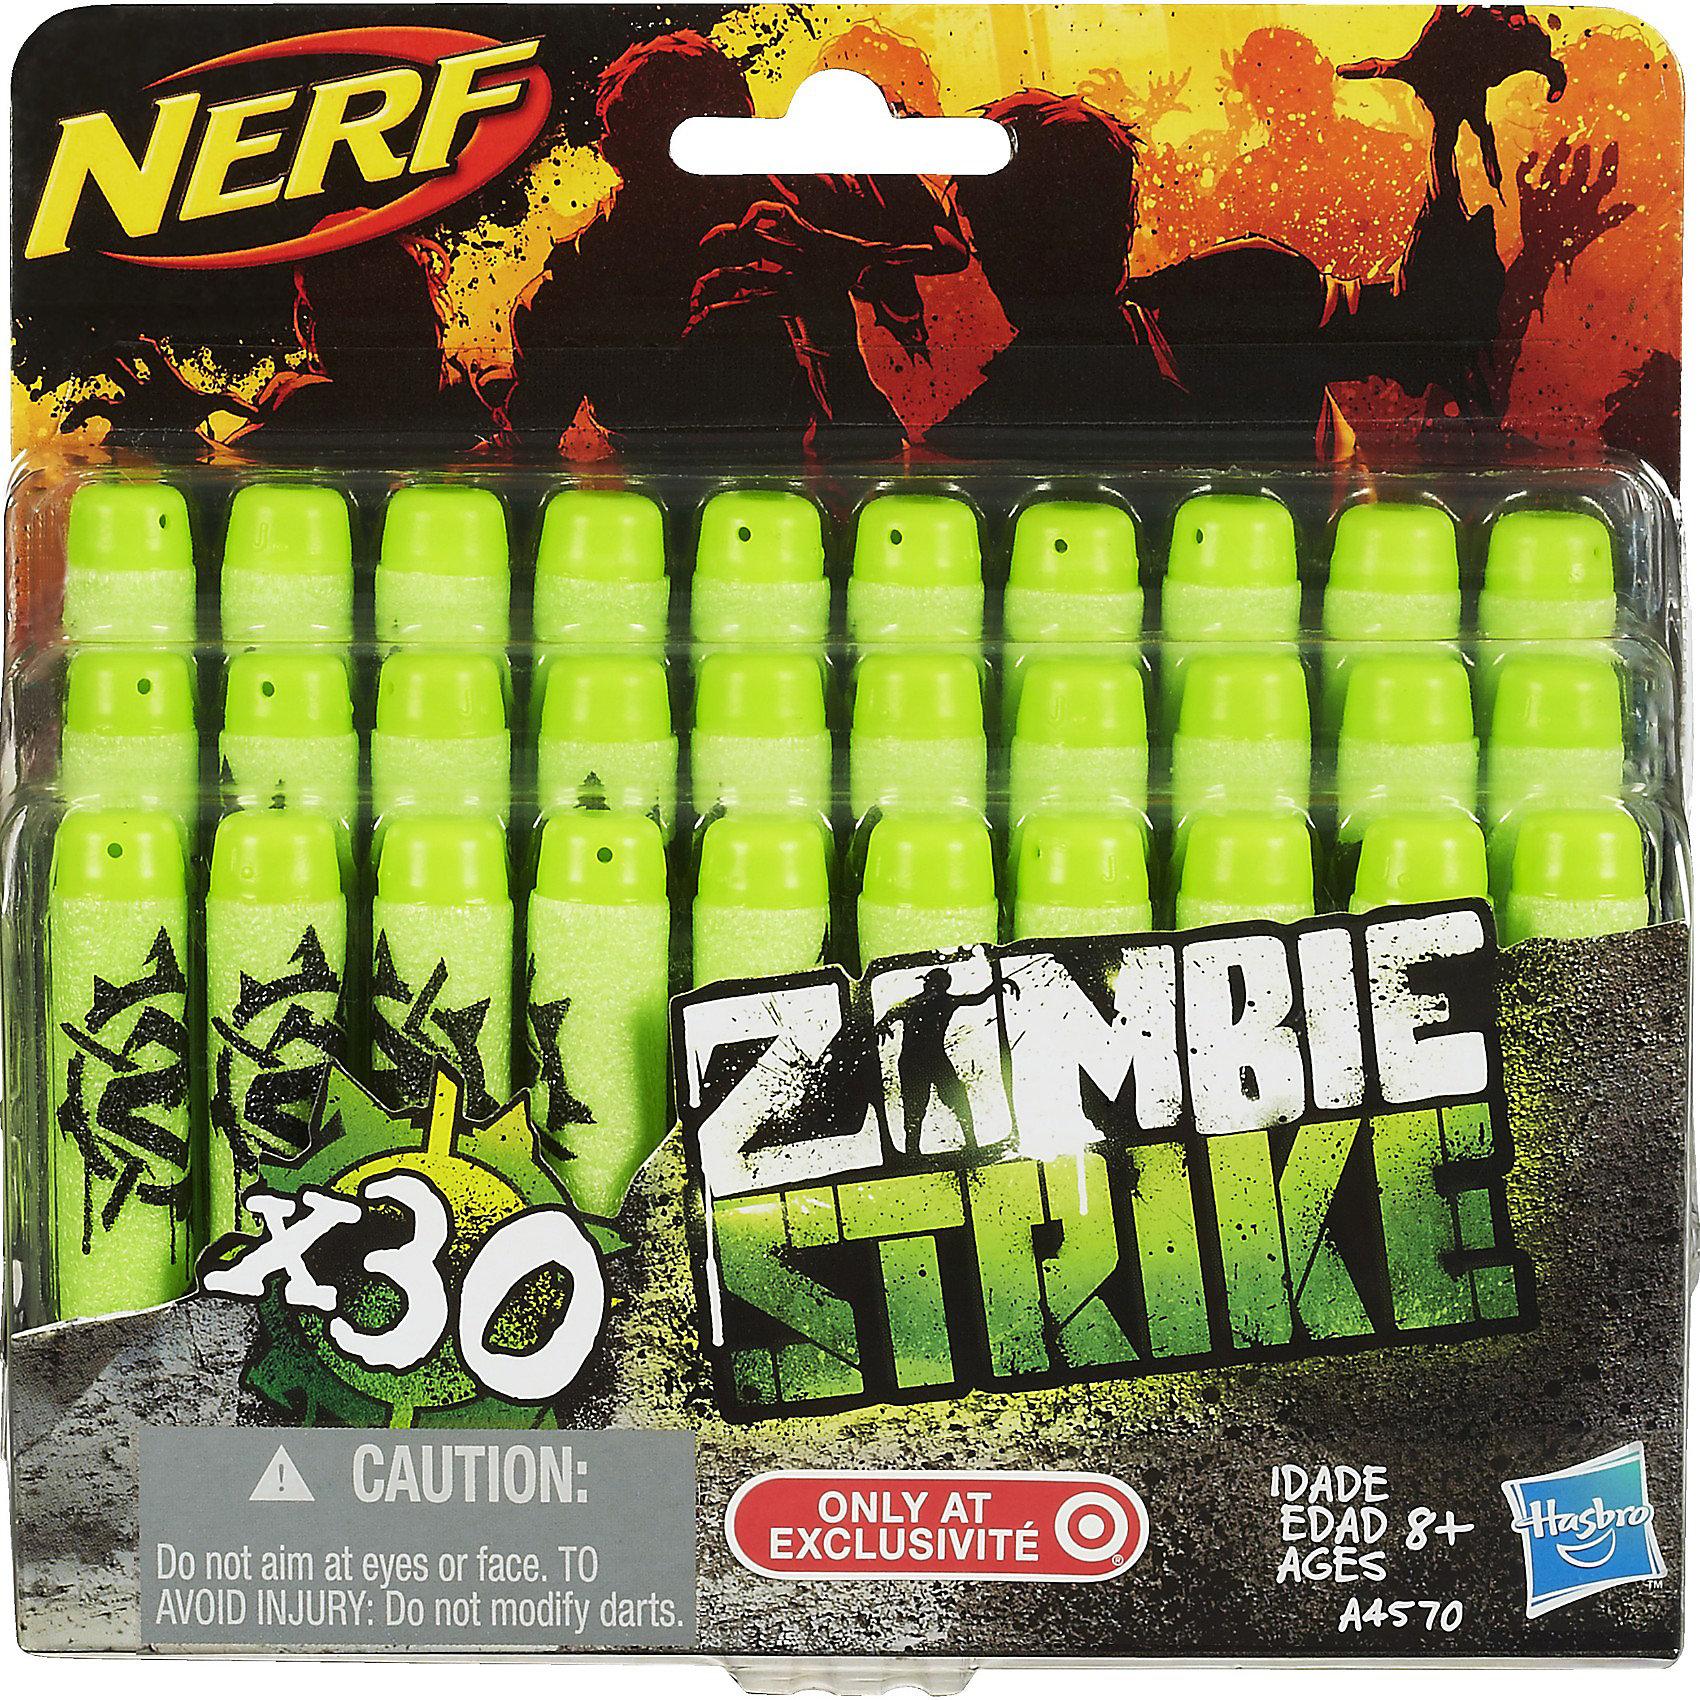 Комплект 30 зомби-стрел для бластеров, NERFКомплект 30 стрел для бластеров Зомби, NERF (Нерф) известны своим потрясающе стильным, ярким дизайном, удобством использования, высокой дальностью полета стрел, аккуратностью и долговечностью. <br><br>Имея такую игрушку, ваш малыш будет невероятно доволен, ведь она способна мотивировать на подвижные игры, а ее возможности оставят противника далеко позади.<br><br>Характеристики:<br>-Дальность полета стрел: около 20 м<br>-Стрелы подходят к любому бластеру серий Элит и Зомби<br><br>Комплектация: 30 стрел<br><br>Дополнительная информация:<br>-Материал: винил, резина<br>-Размеры: 16х4х16 см<br><br>Комплект из 30 стрел станет отличным дополнением подарка, ведь чтобы быть полностью вооруженным, обязательно нужно иметь дополнительный запас. <br><br>Комплект 30 стрел для бластеров Зомби, NERF (Нерф) можно купить в нашем магазине.<br><br>Ширина мм: 44<br>Глубина мм: 159<br>Высота мм: 152<br>Вес г: 105<br>Возраст от месяцев: 96<br>Возраст до месяцев: 144<br>Пол: Мужской<br>Возраст: Детский<br>SKU: 3600147